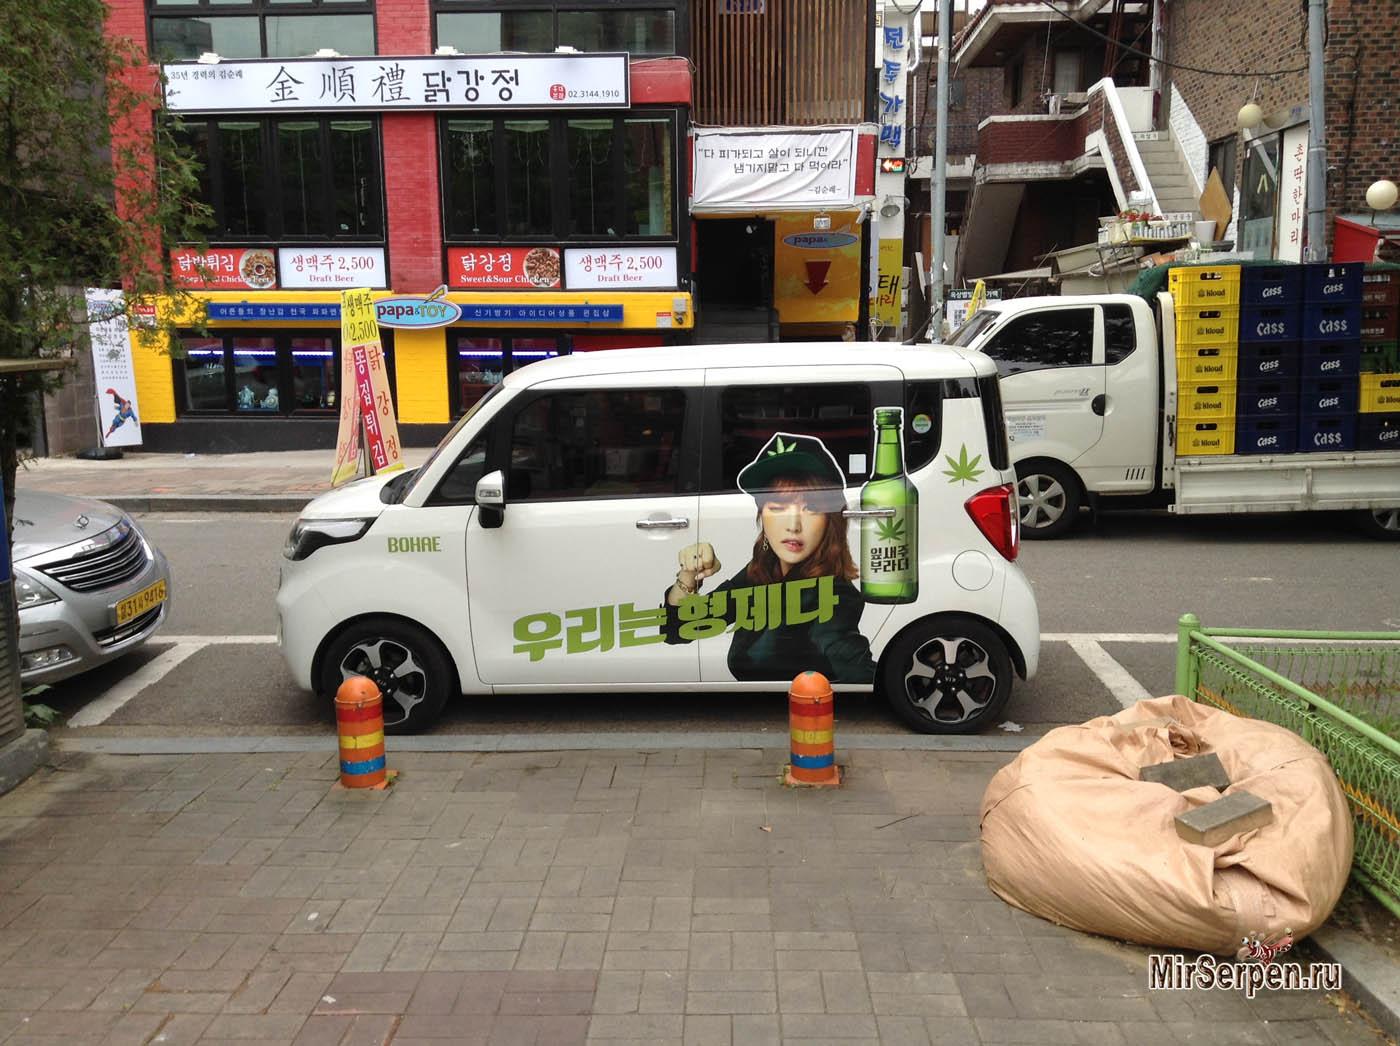 Корейцы, корейская кухня и нездоровый образ жизни